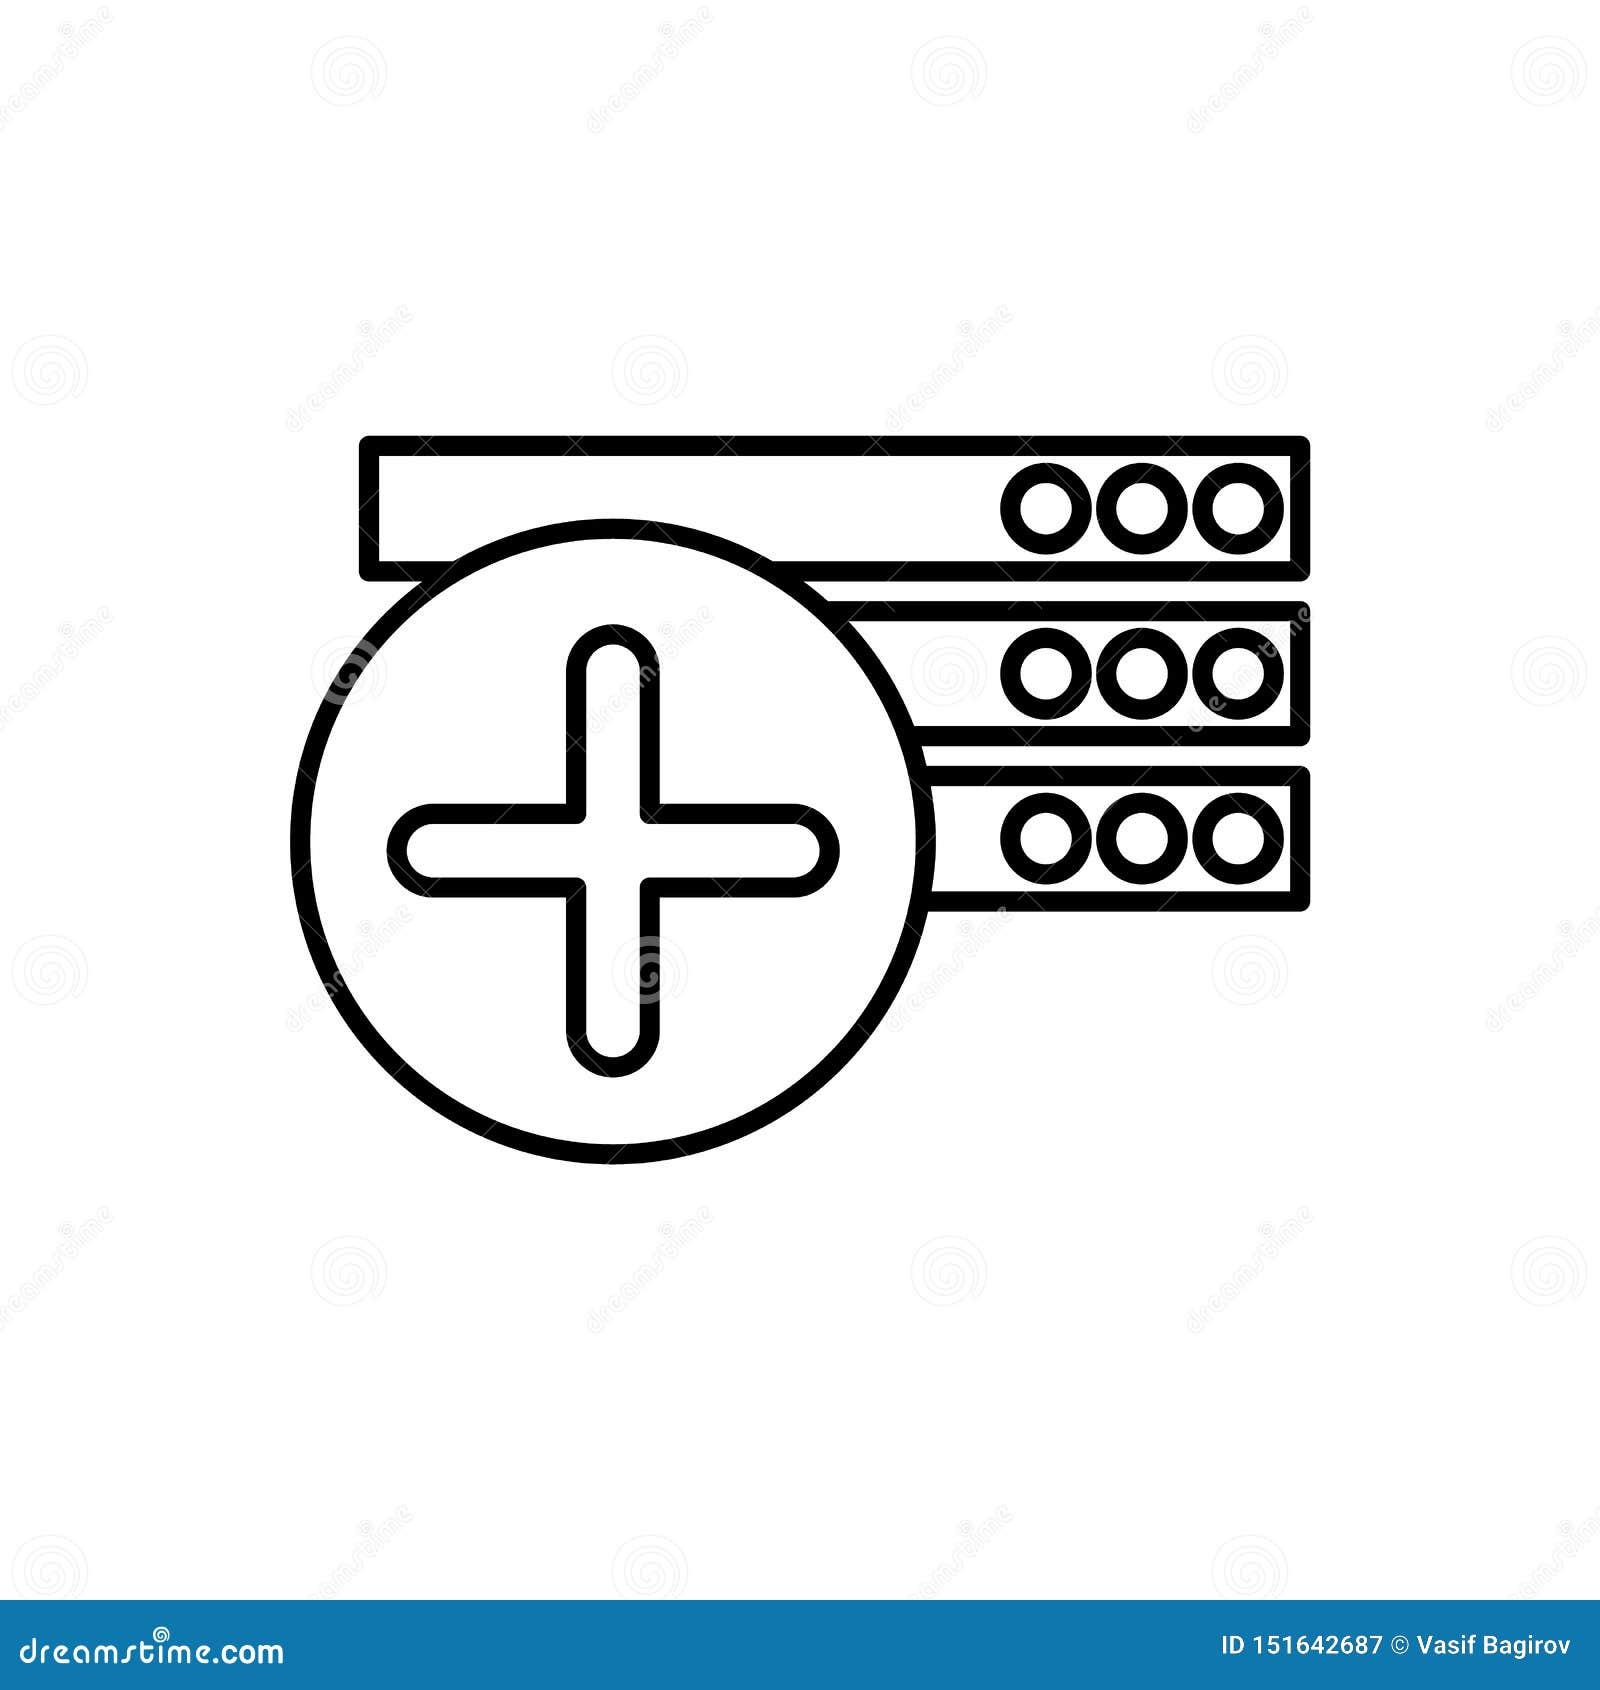 Baza danych, serwer ikona - wektor Baza danych wektoru ikona